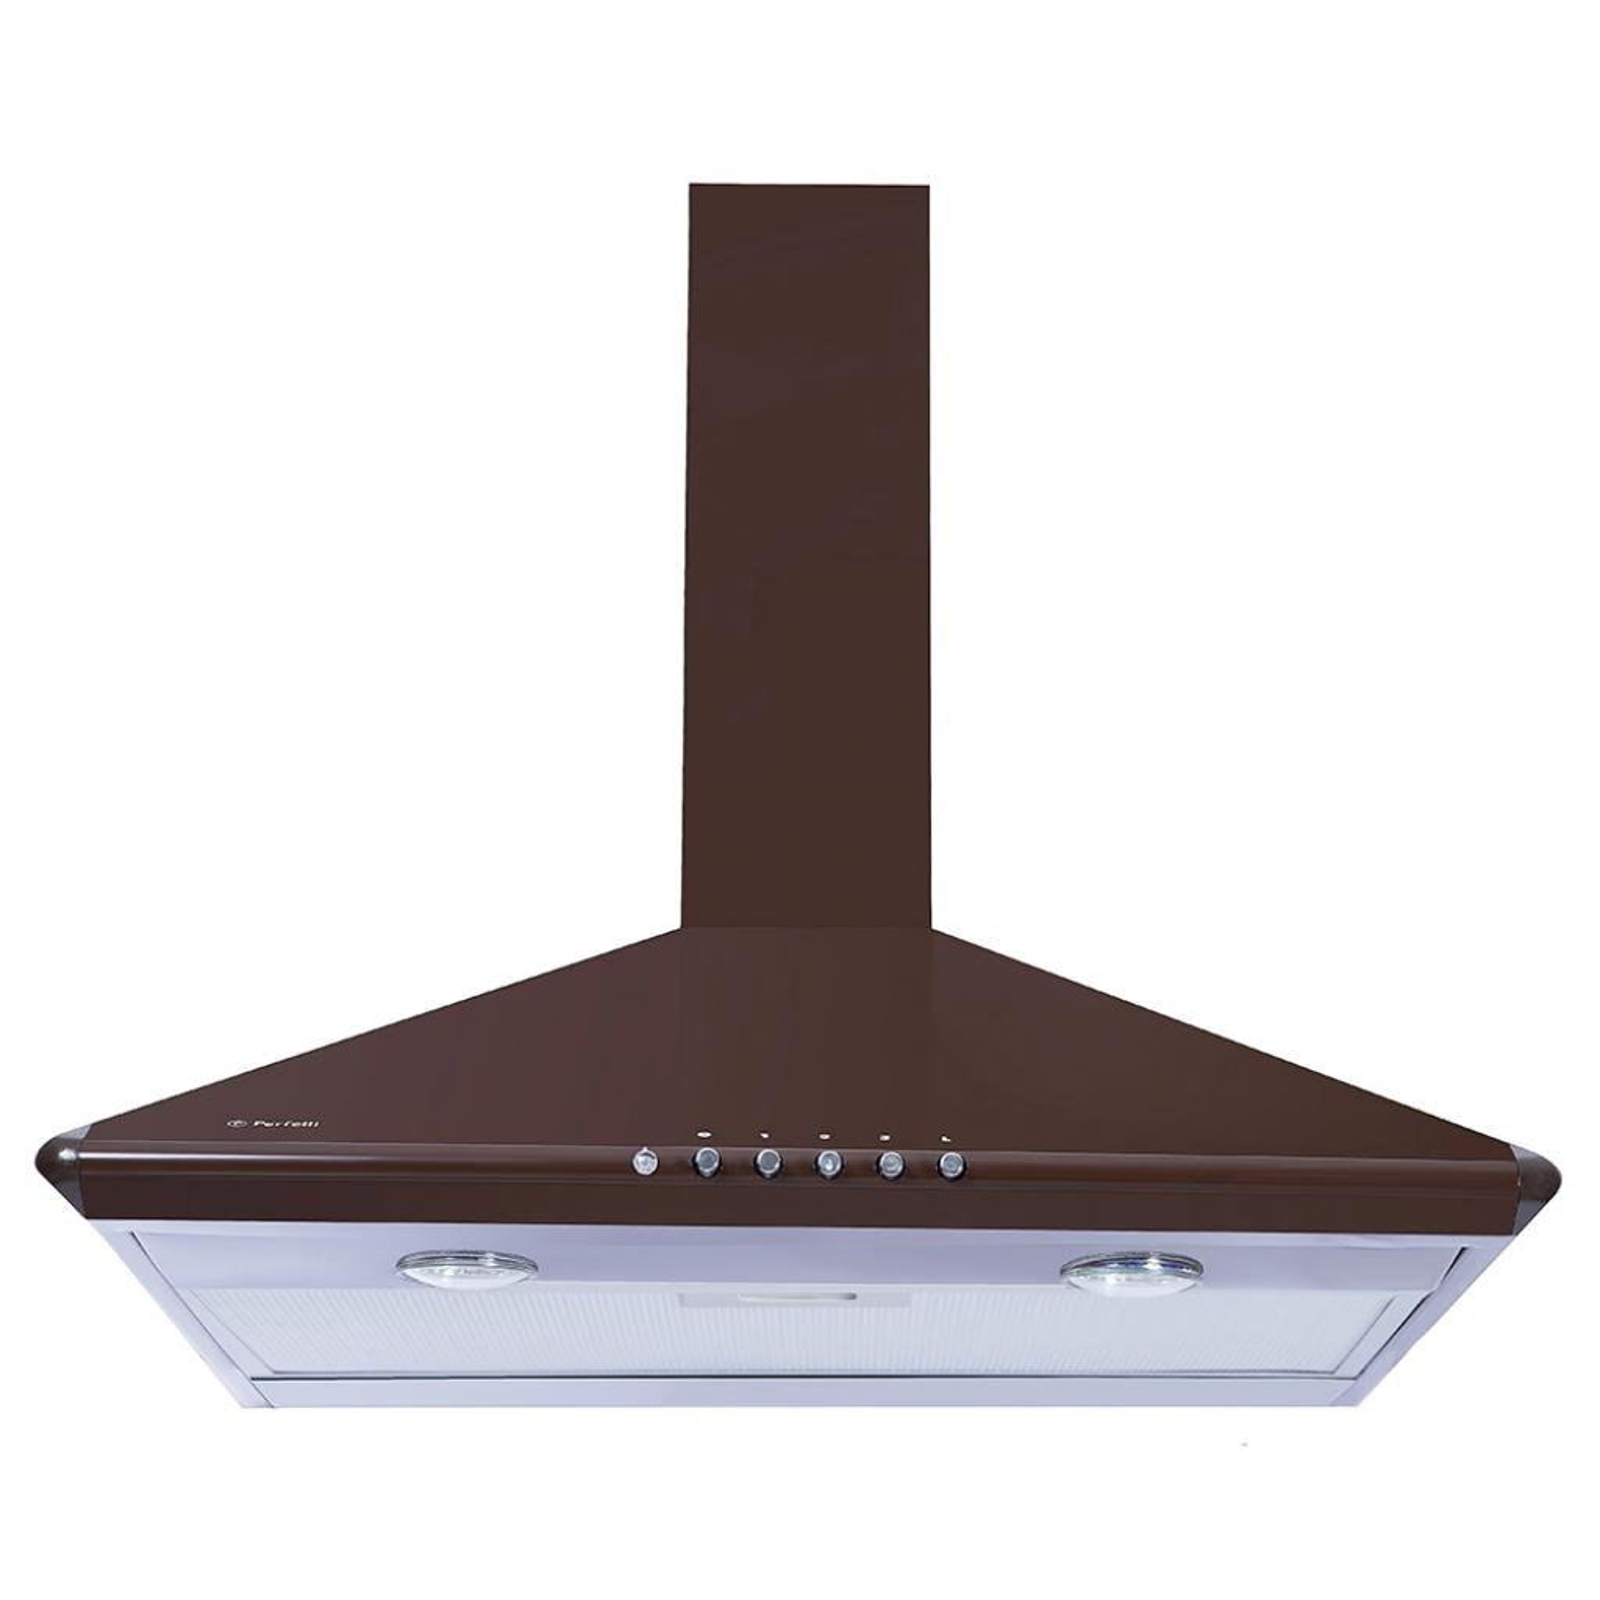 Вытяжка кухонная PERFELLI K 512 BR LED